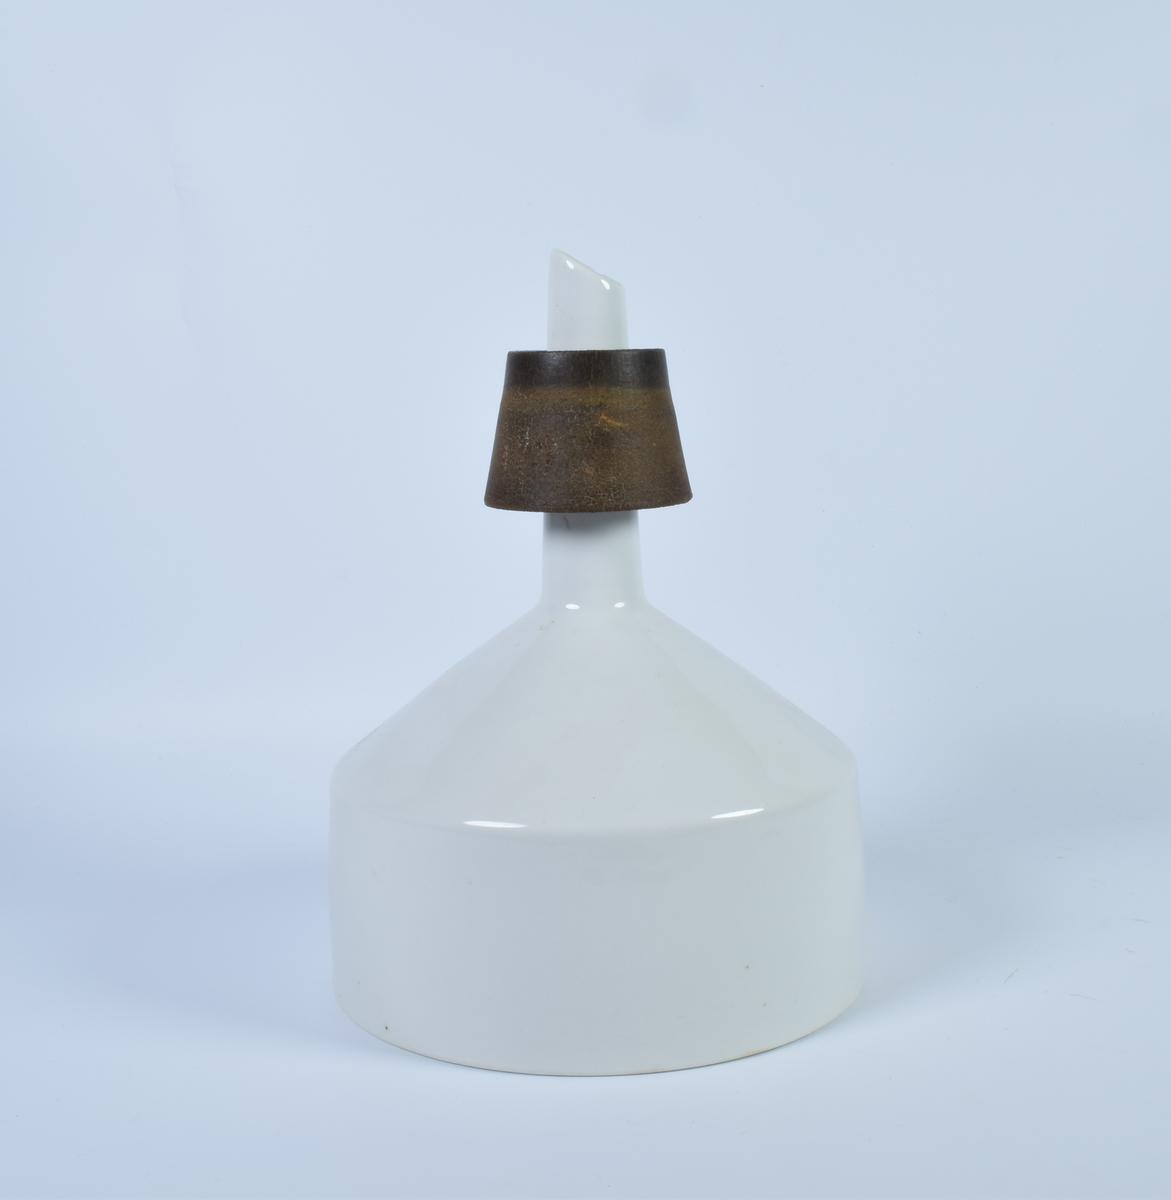 """Filtreringstrakt i hvit keramikk. I """"bunnen"""" av trakten er det mange små hull som fører til et rør. Rundt røret er det en tykk ring av gummi. Trakten kan settes rett oppi en flaske. Ved filtrering la man oppi et filterpapir (metitta-filter)."""